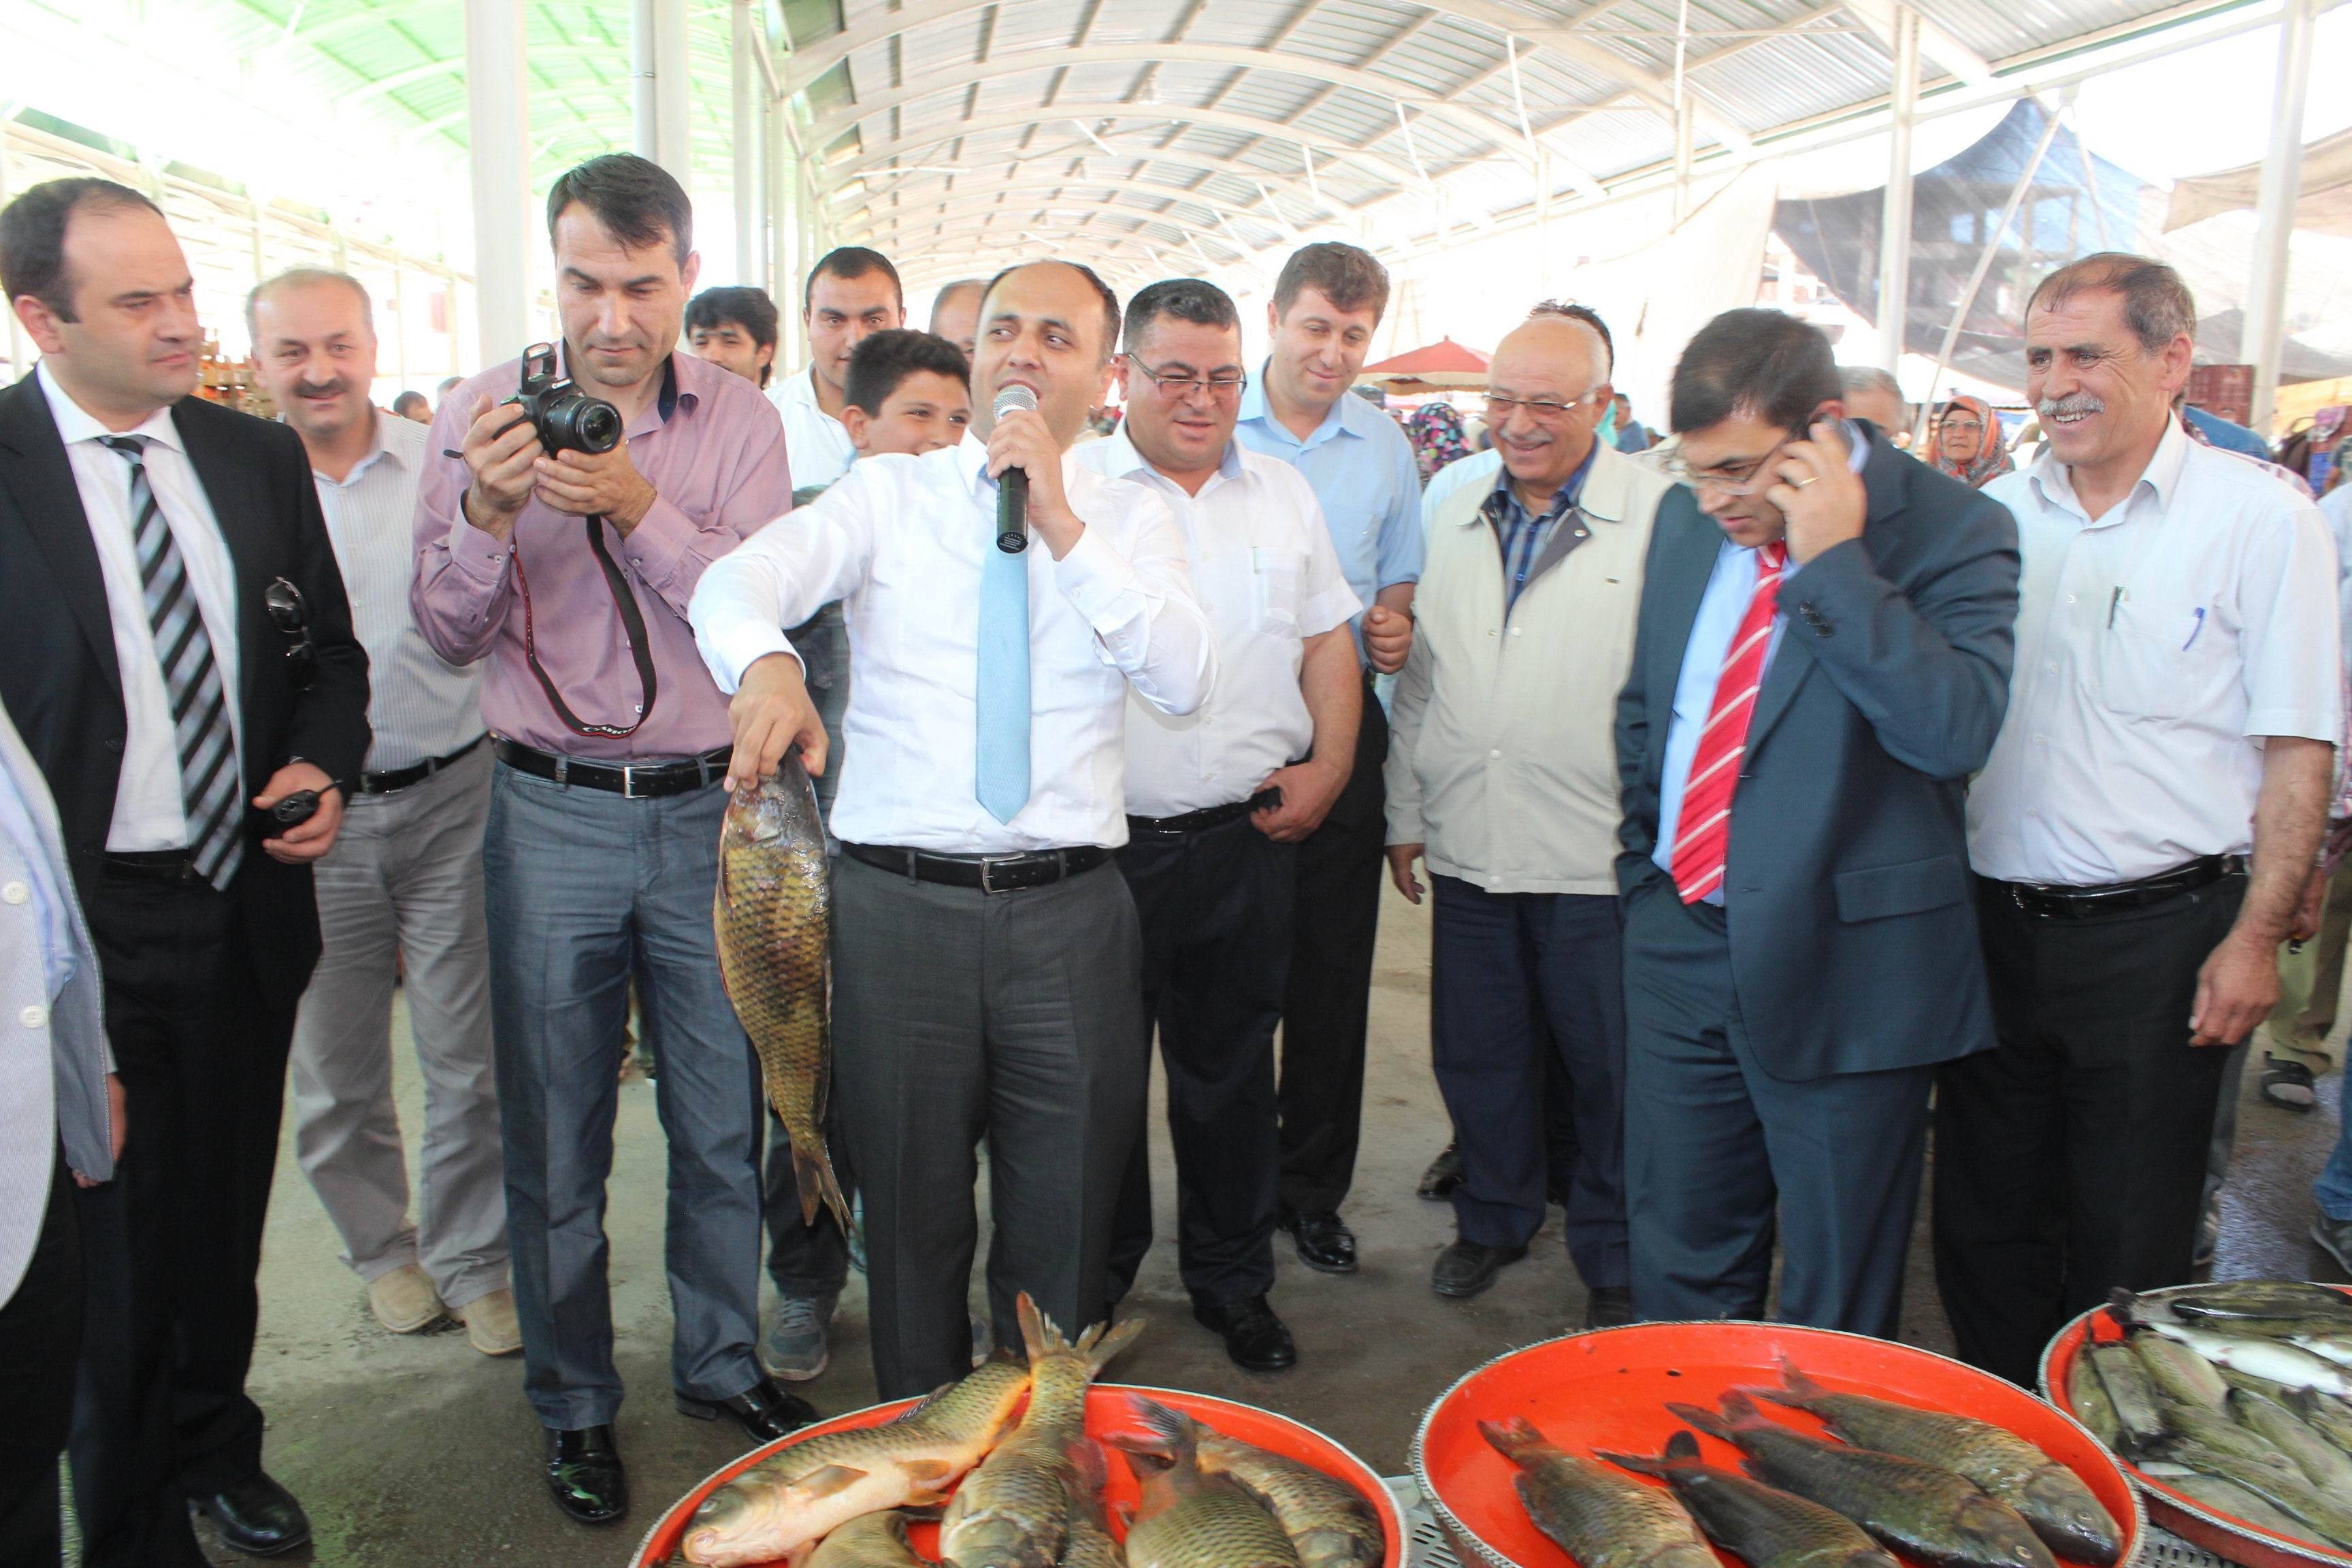 Belediye başkanı açık artırmada balık sattı